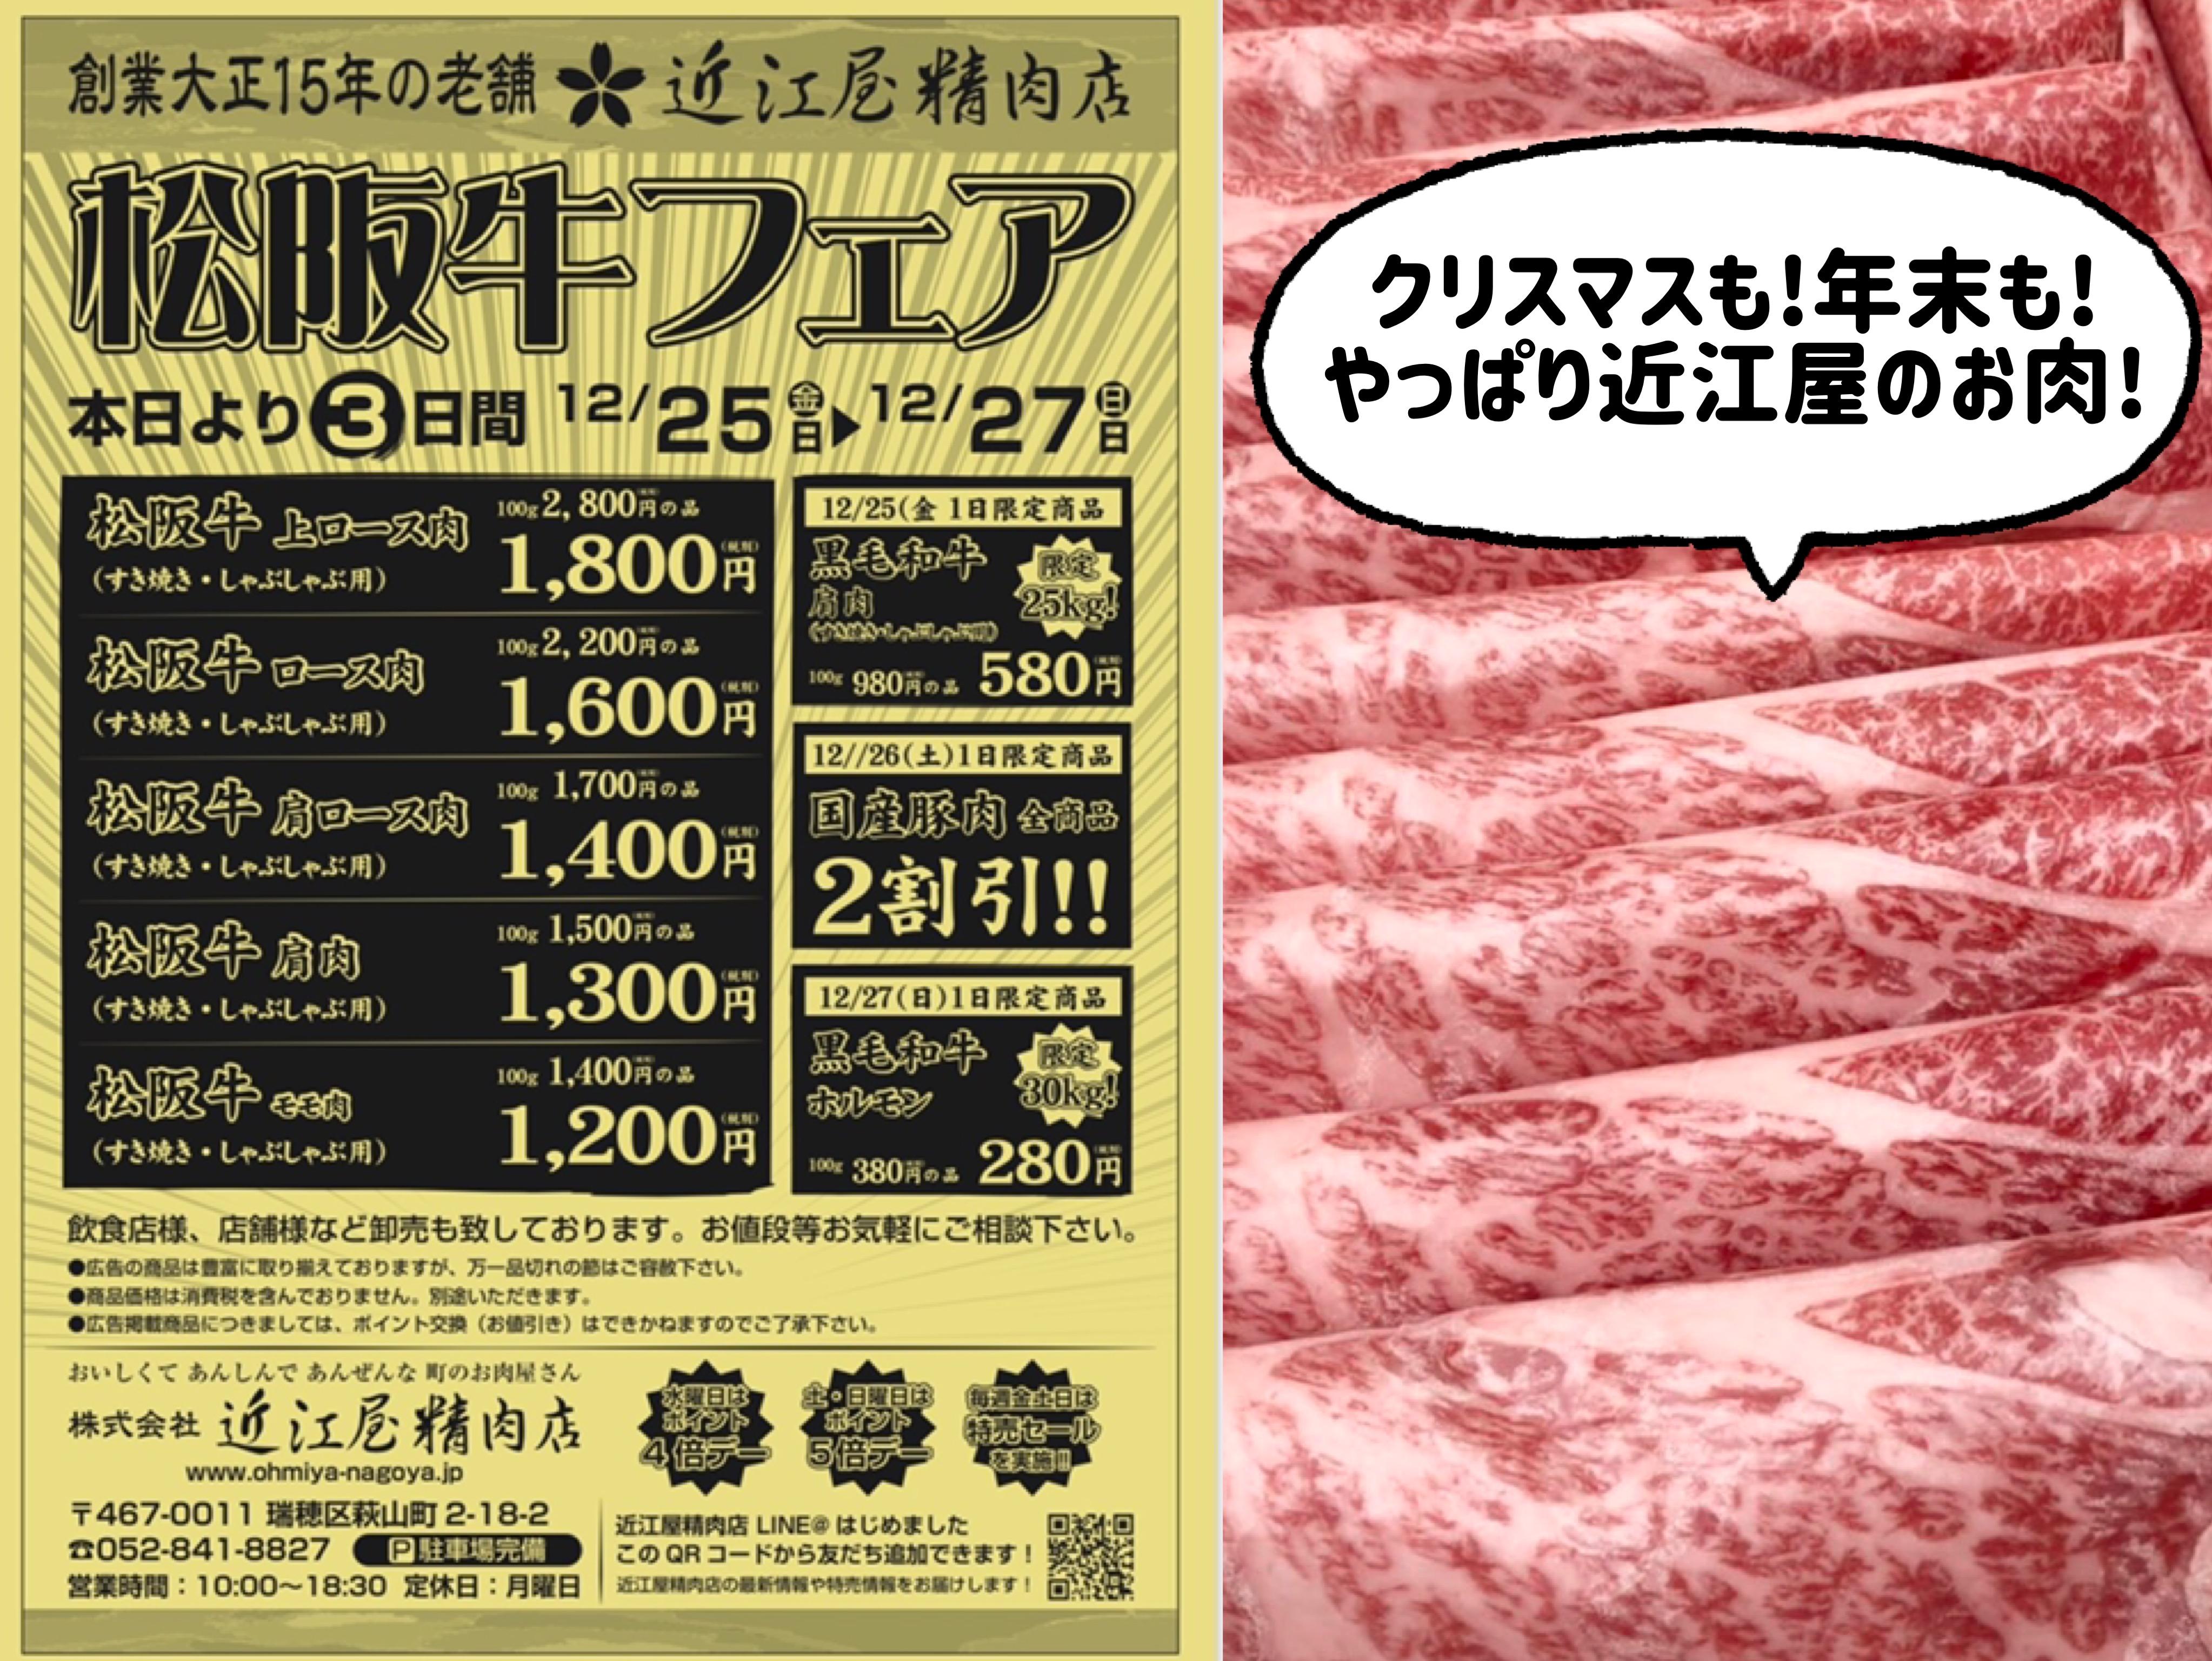 年末は松阪牛!